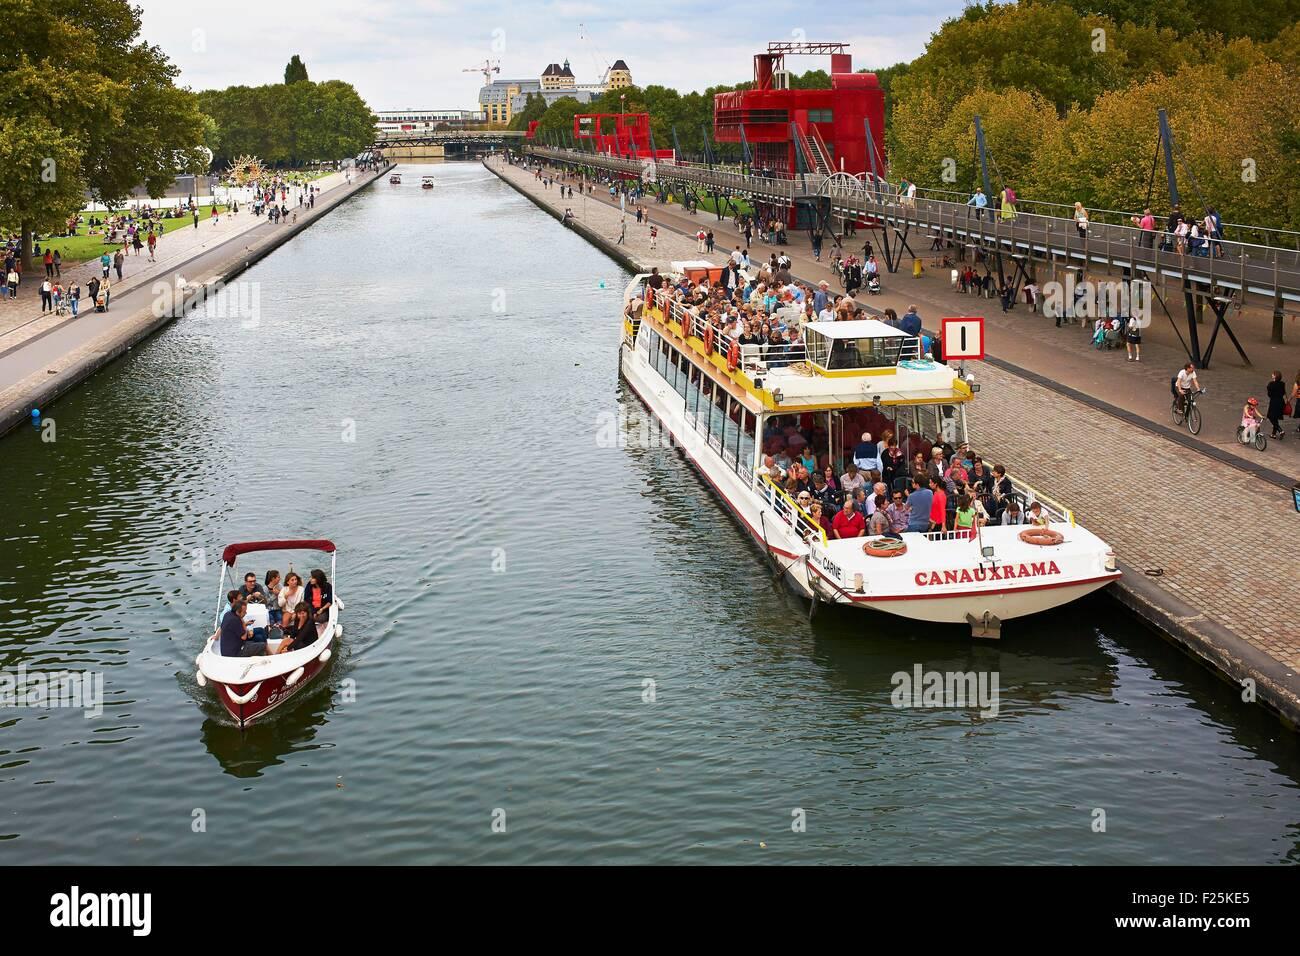 France, Paris, parc de La Villette, Navigation on the Ourcq channel - Stock Image